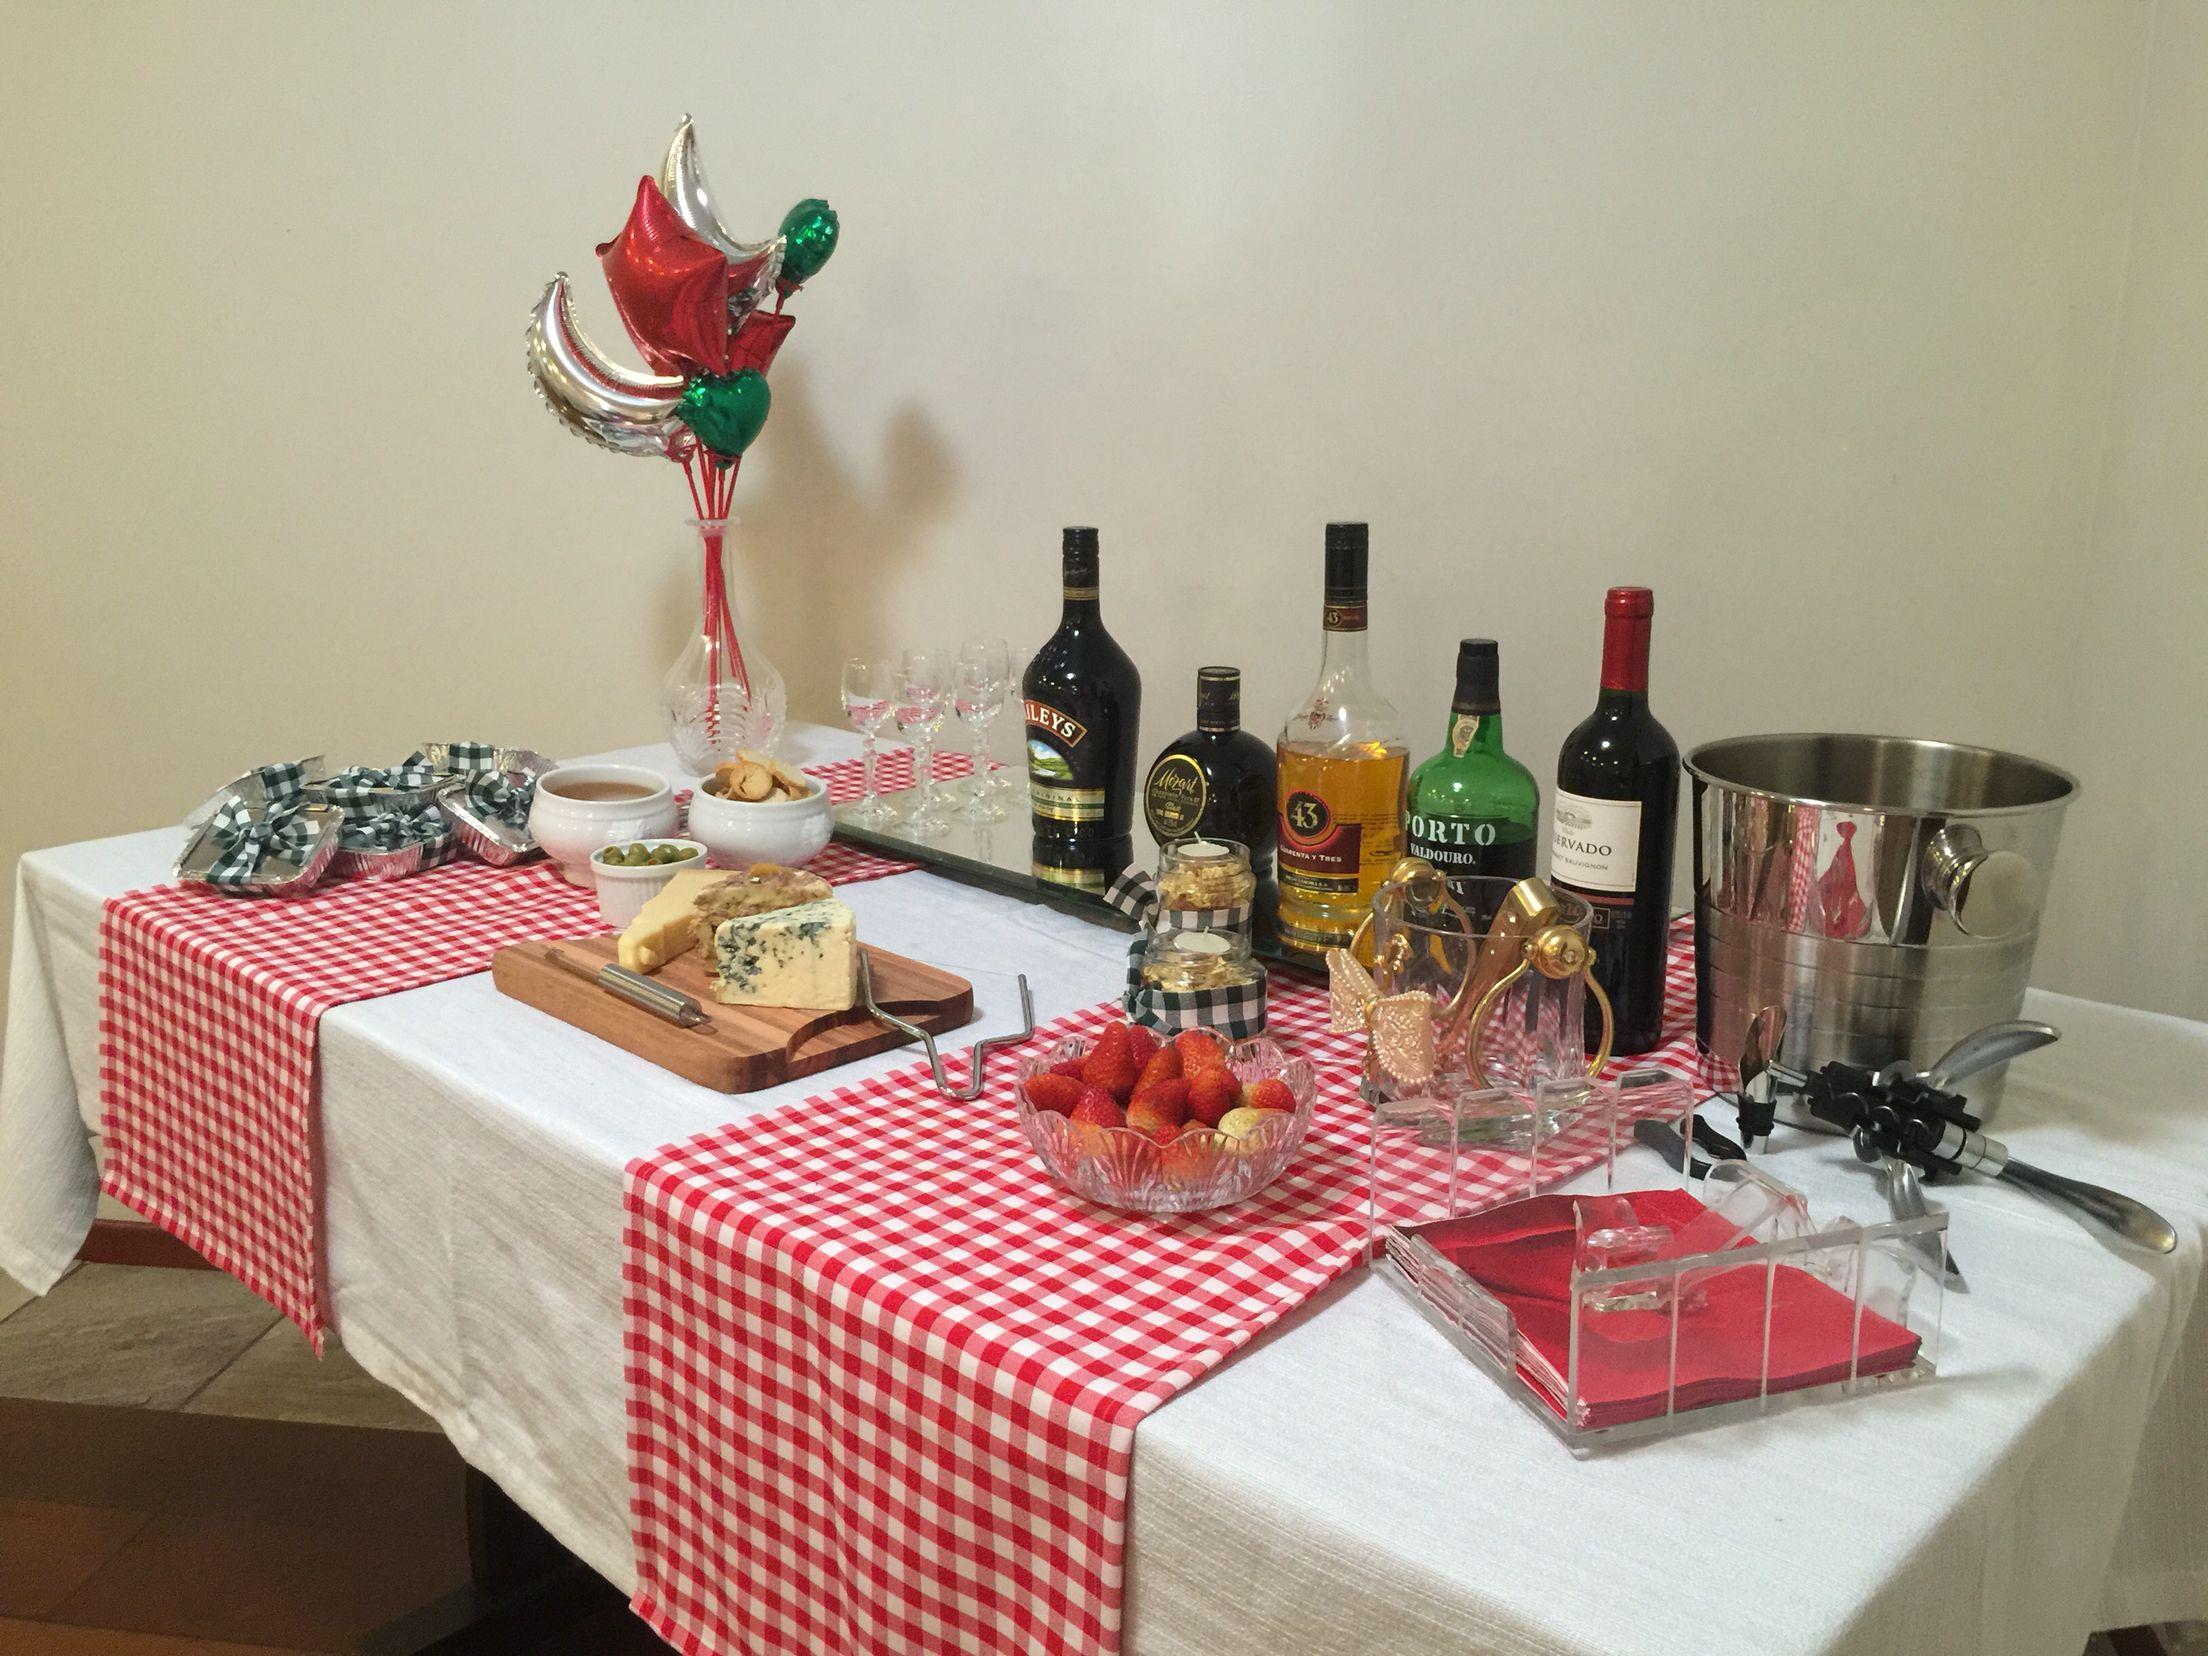 Decora o italiana mesa das bebidas decora o de mesa - Adornos para bebes ...